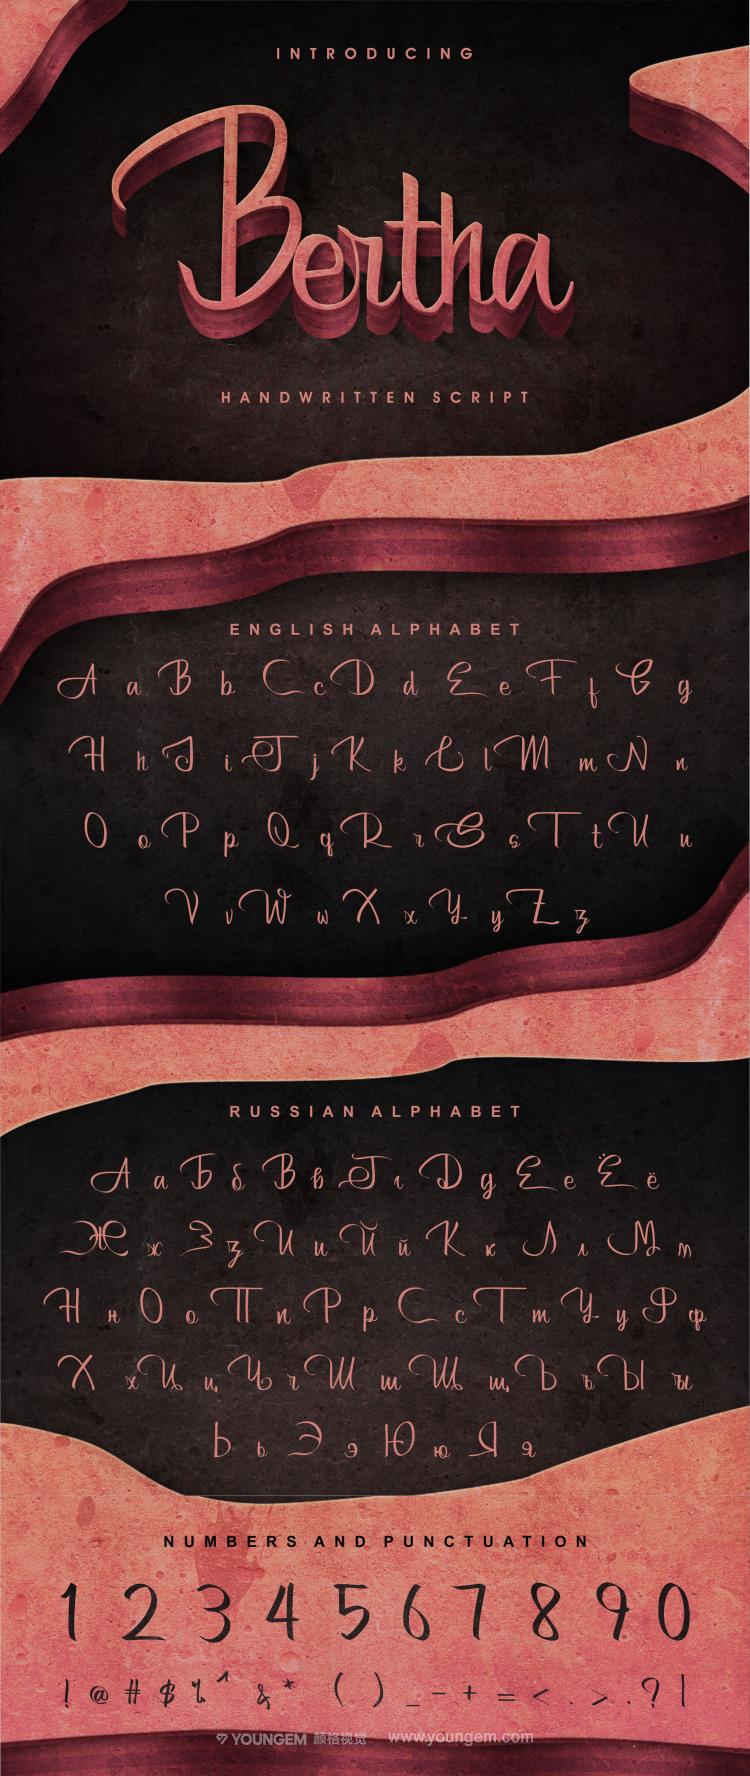 精美的连字书法手写英文字体设计图片